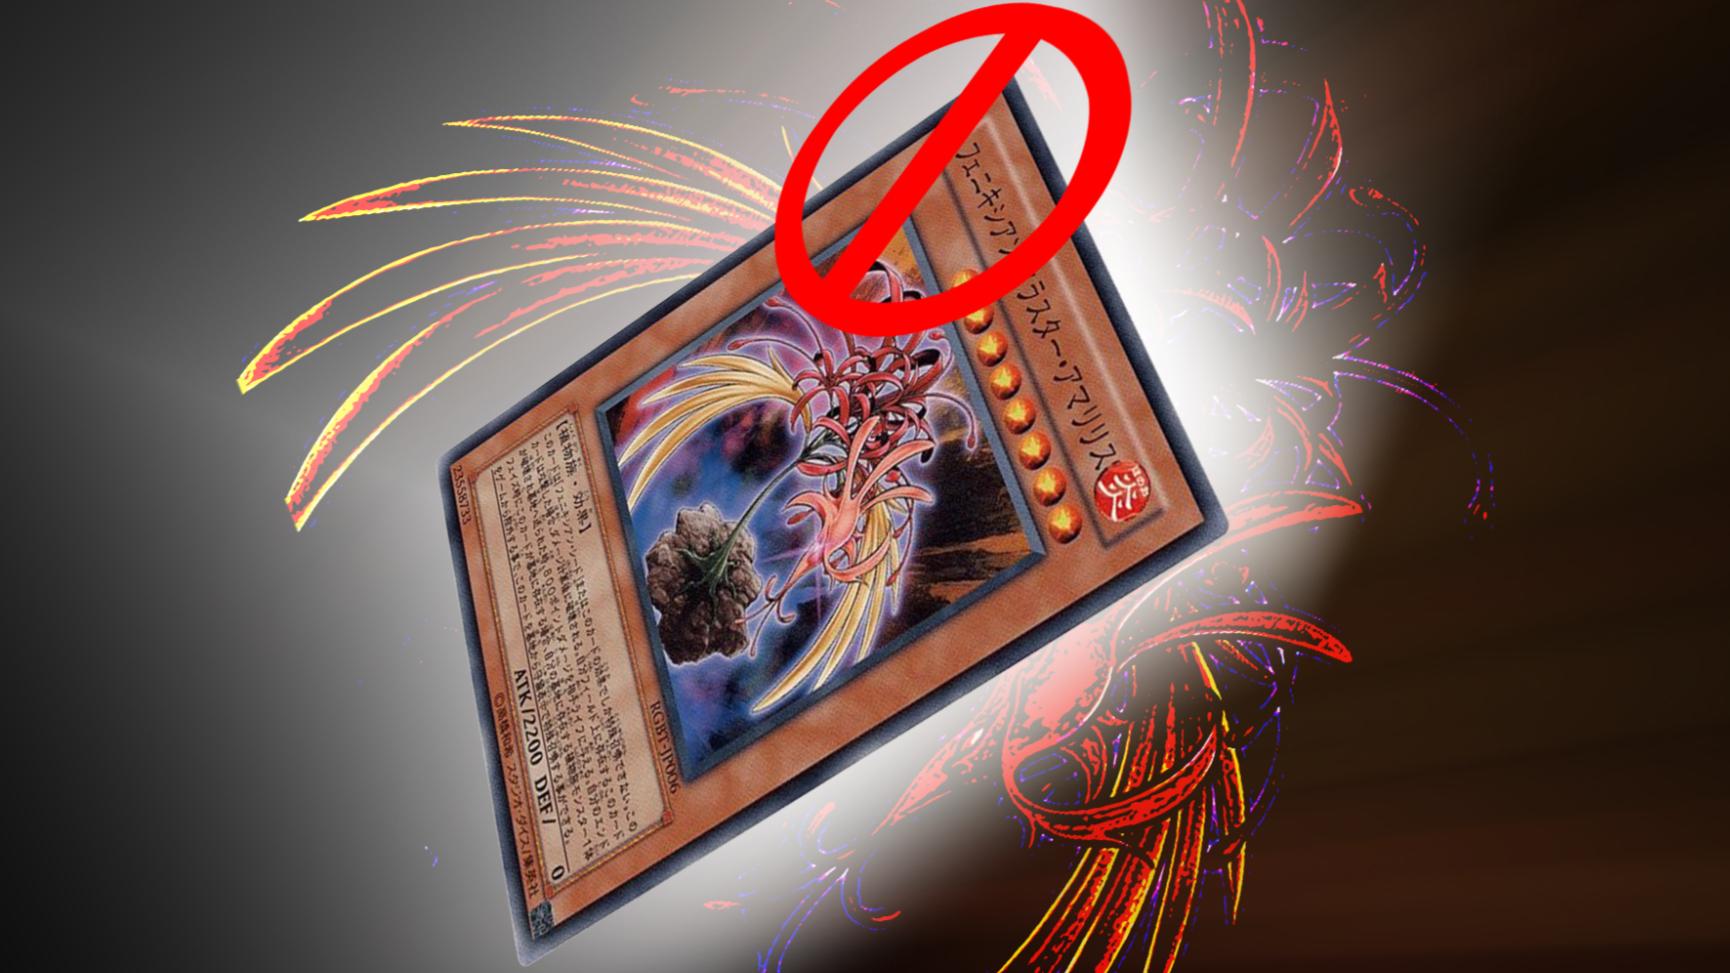 为什么游戏王卡片凤凰石蒜花被禁止使用了呢?